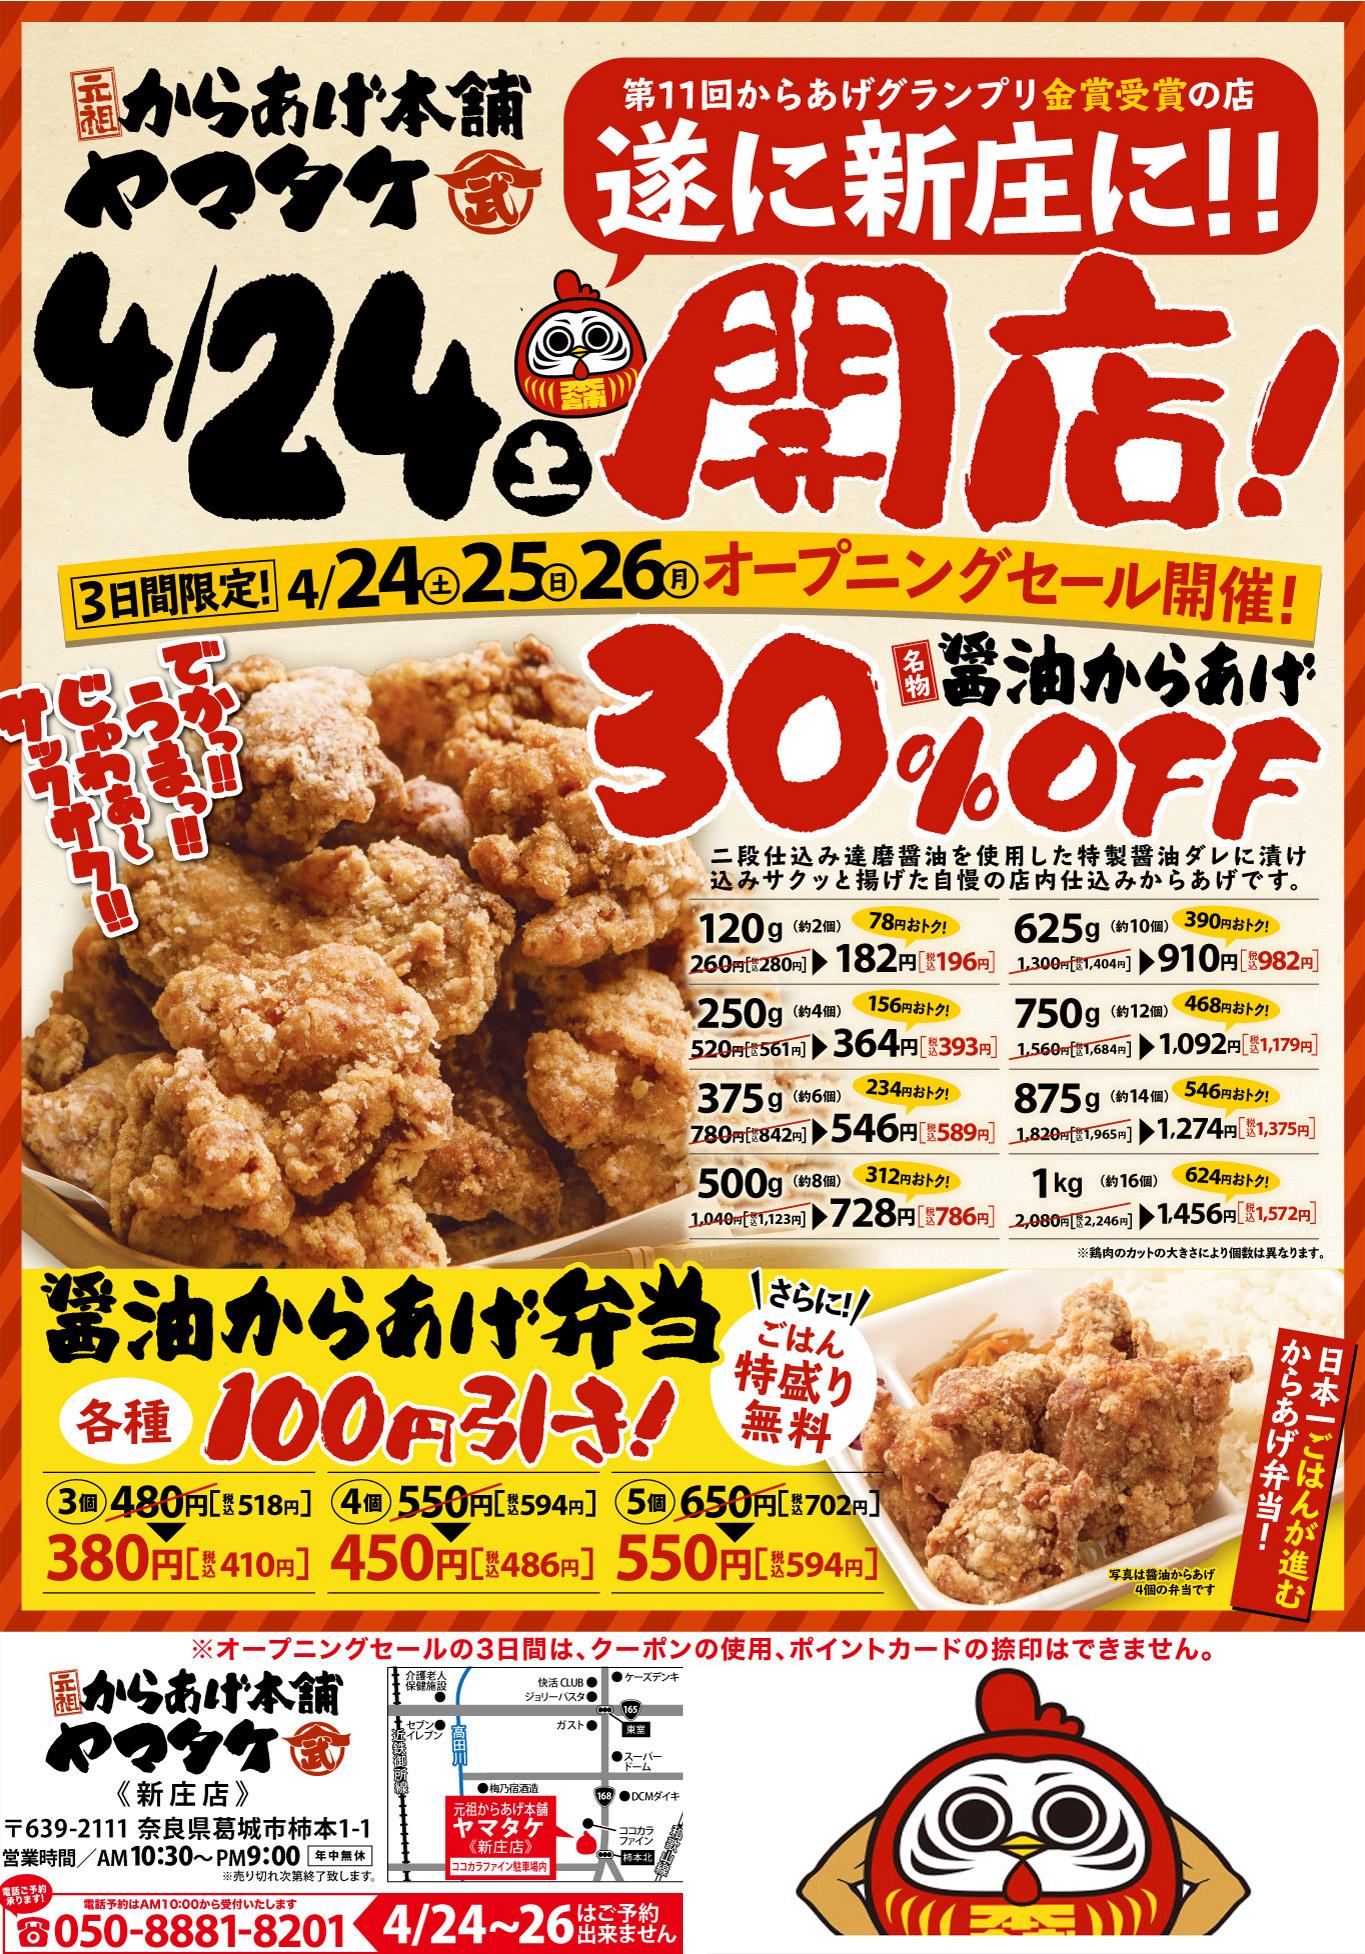 元祖からあげ本舗ヤマタケ 新庄店オープン!